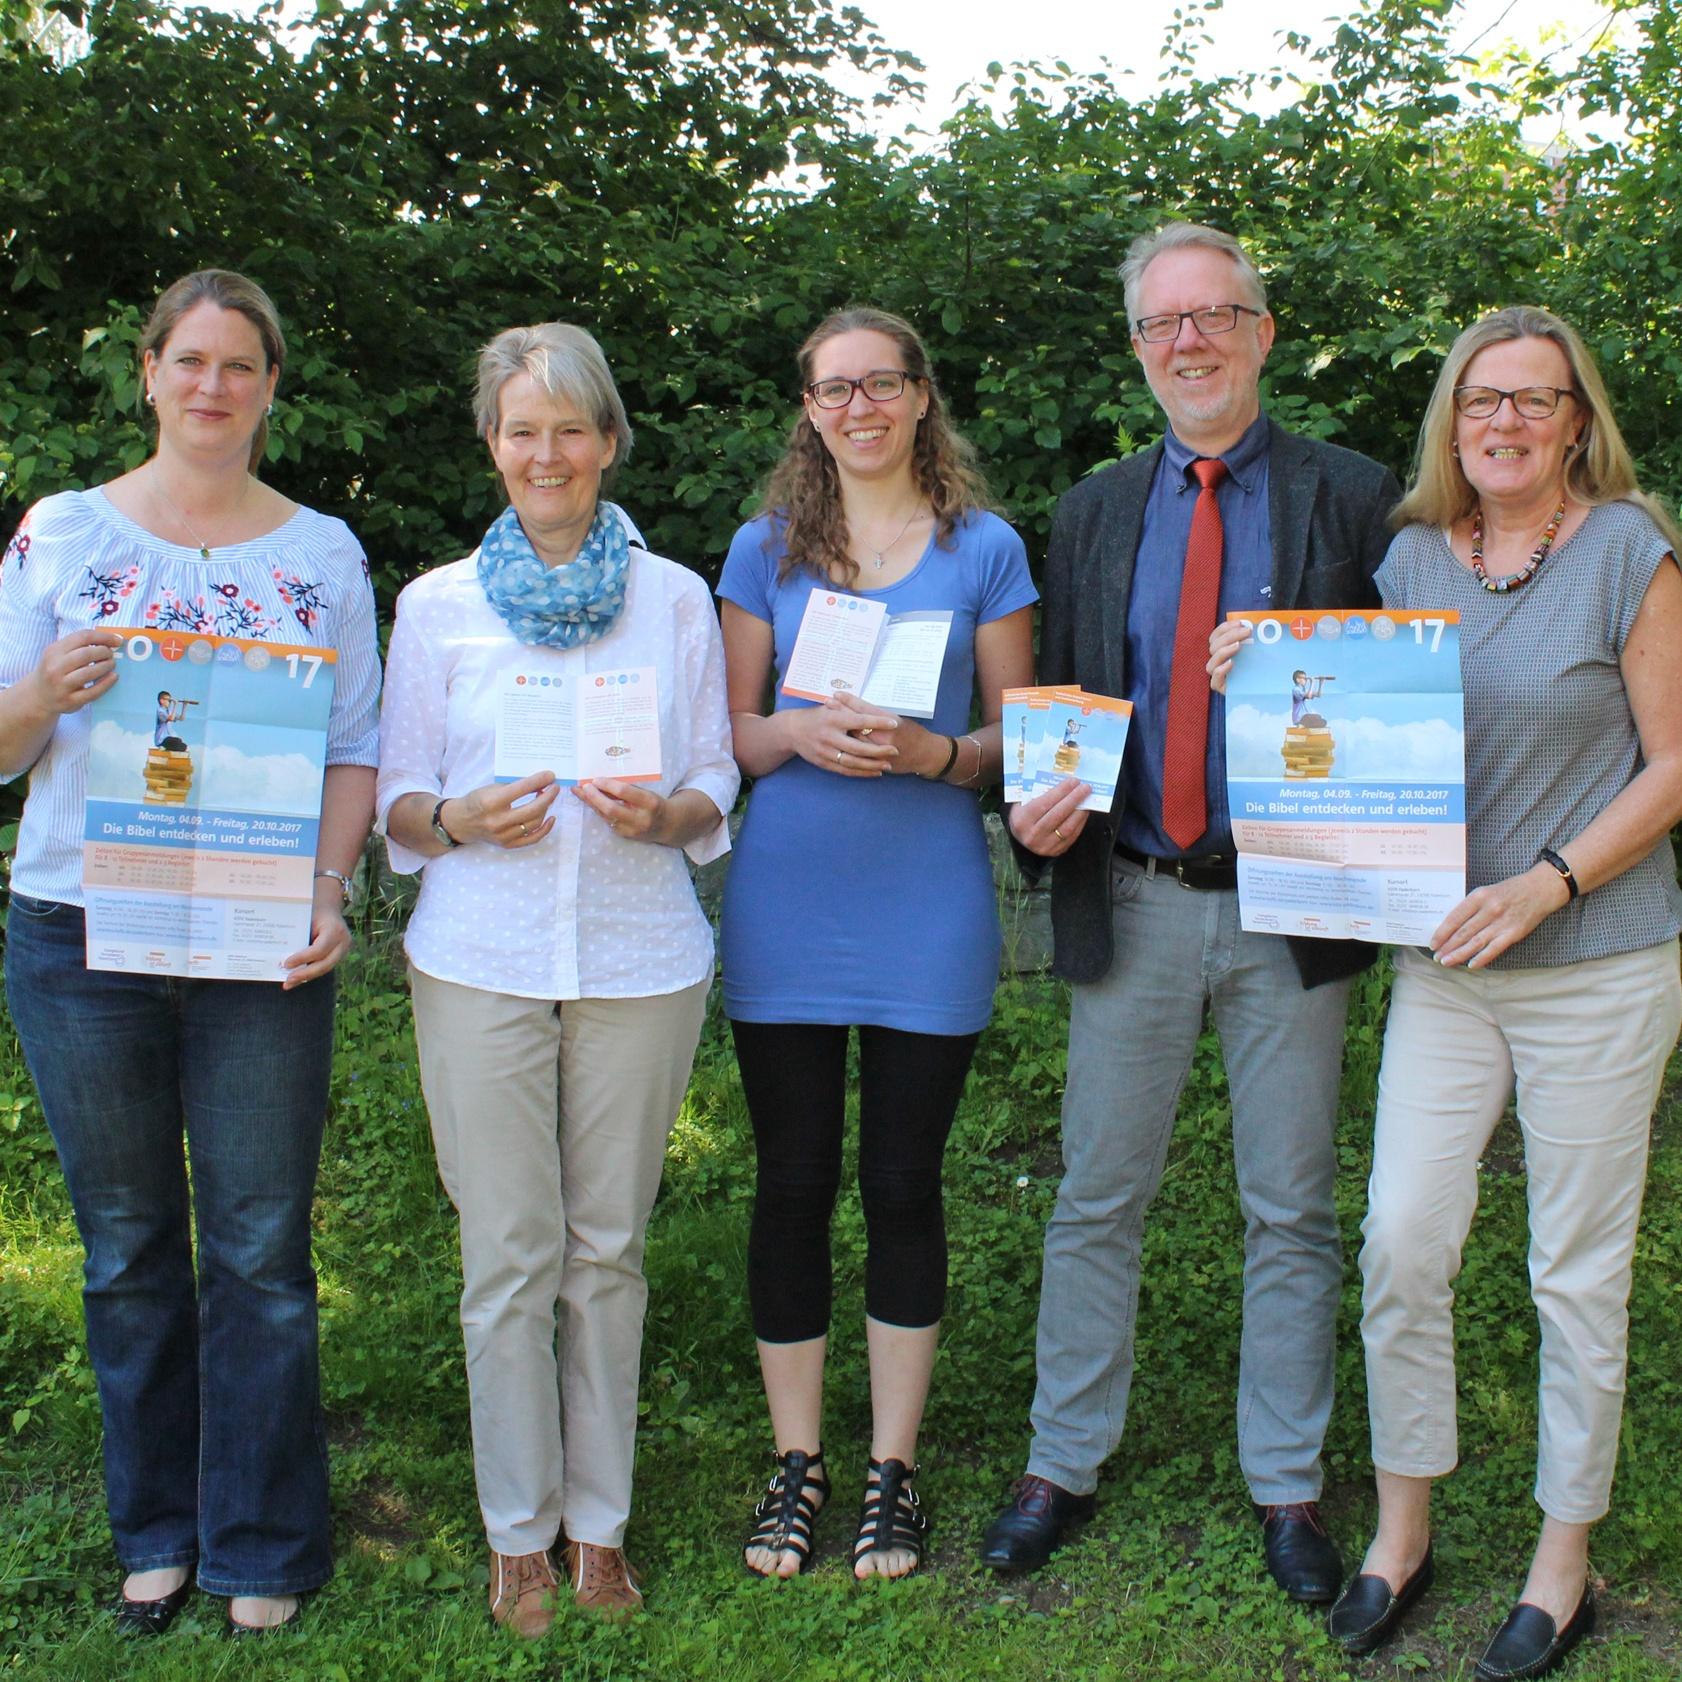 Die Bibel zu neuem Leben erwecken Weimarer Kinderbibel in Paderborn